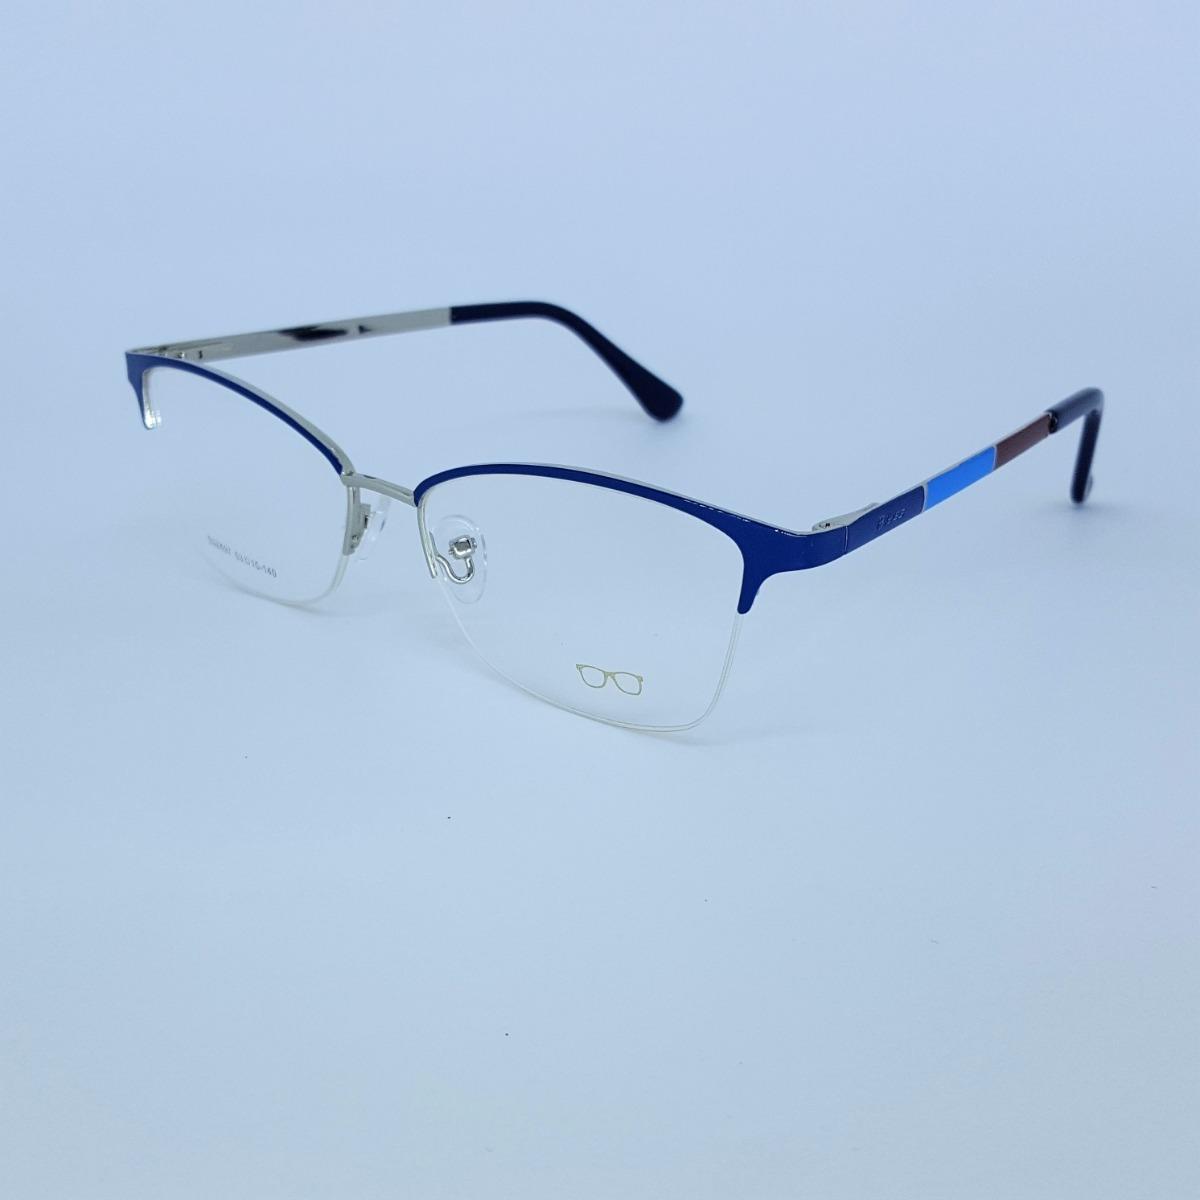 f7cee35504042 Armação De Óculos De Grau Metal Feminino Fio De Nylon - R  112,10 em  Mercado Livre